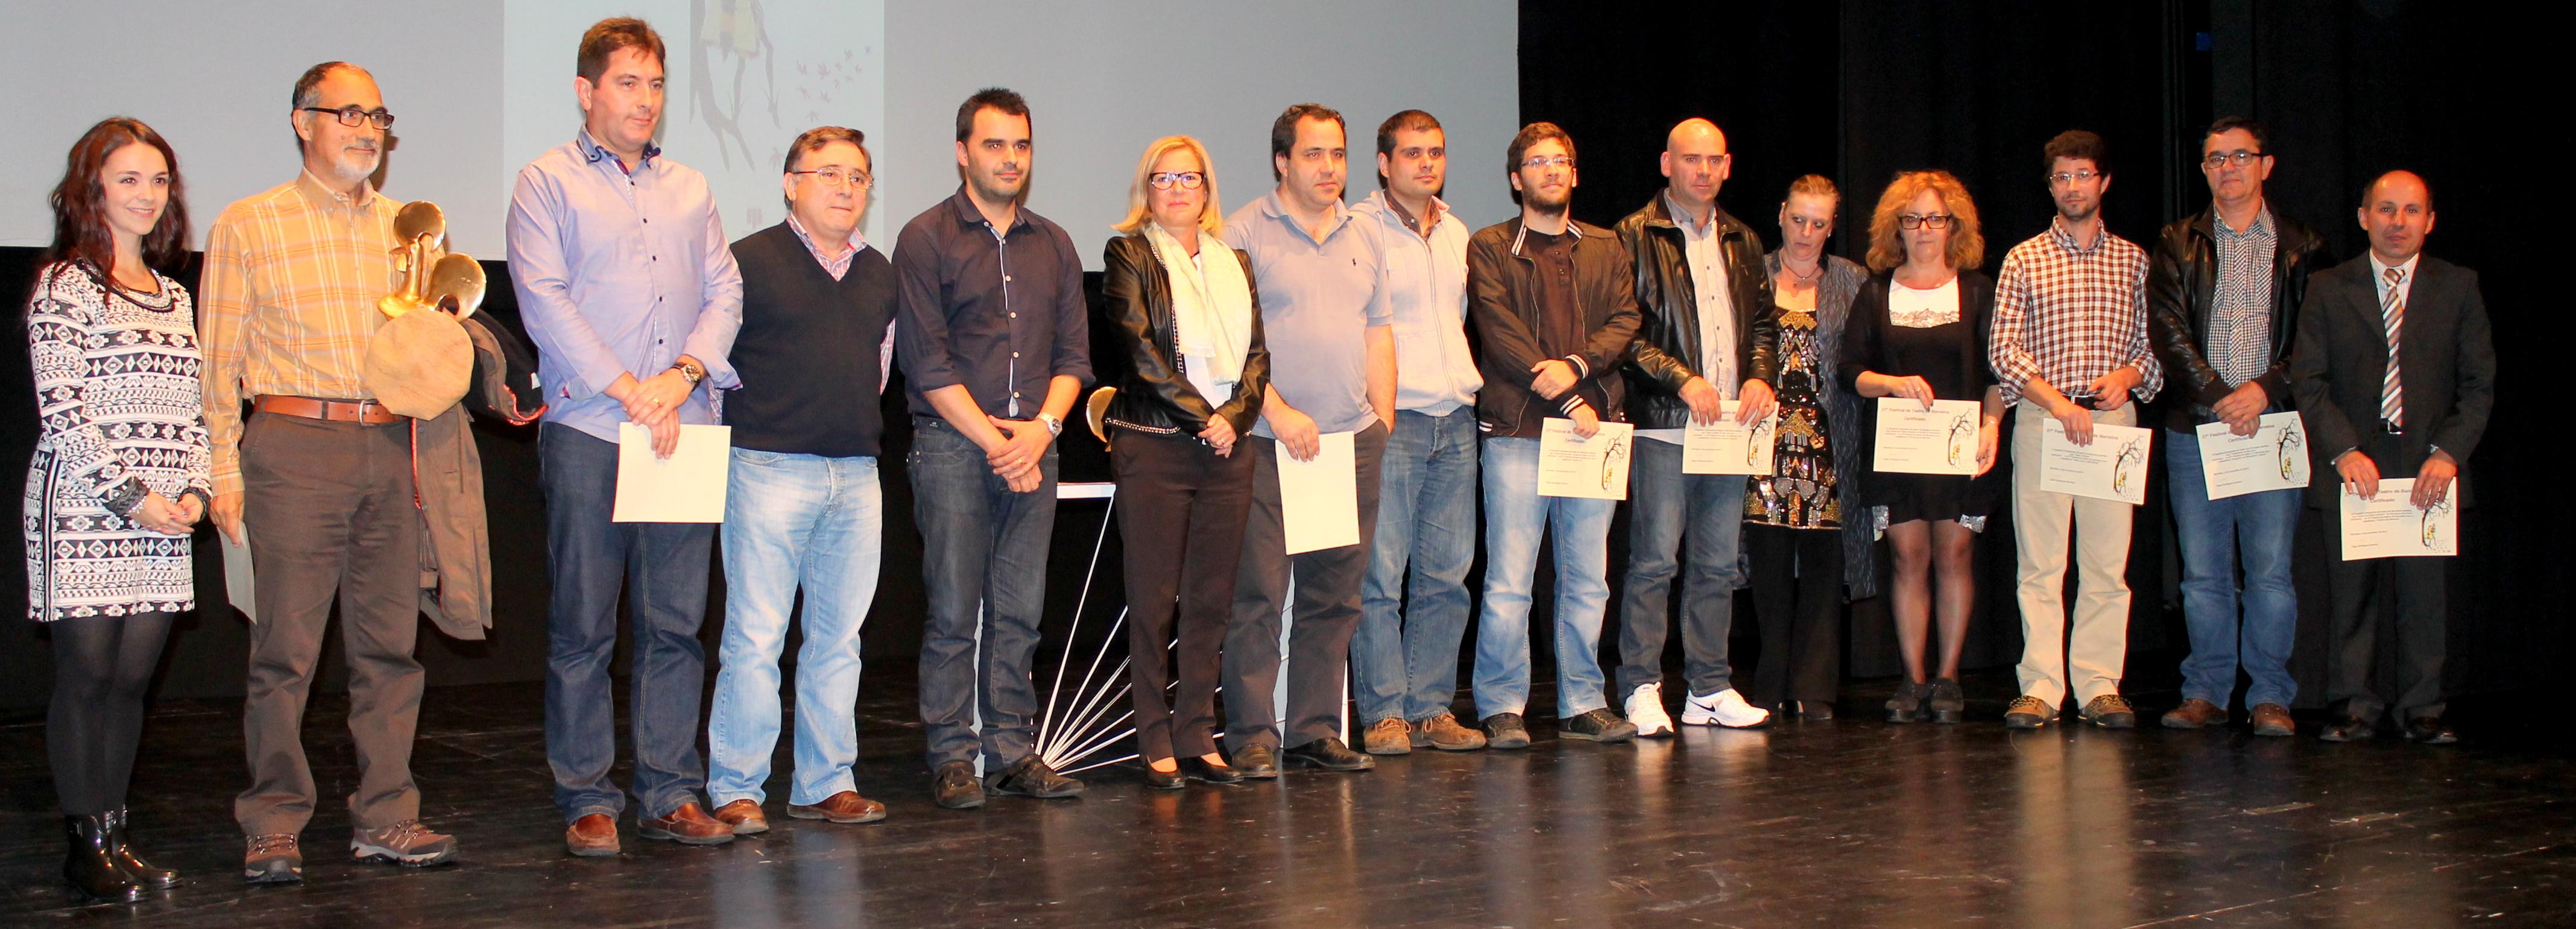 Festival de Teatro de Barcelos mostra dinâmica teatral do concelho